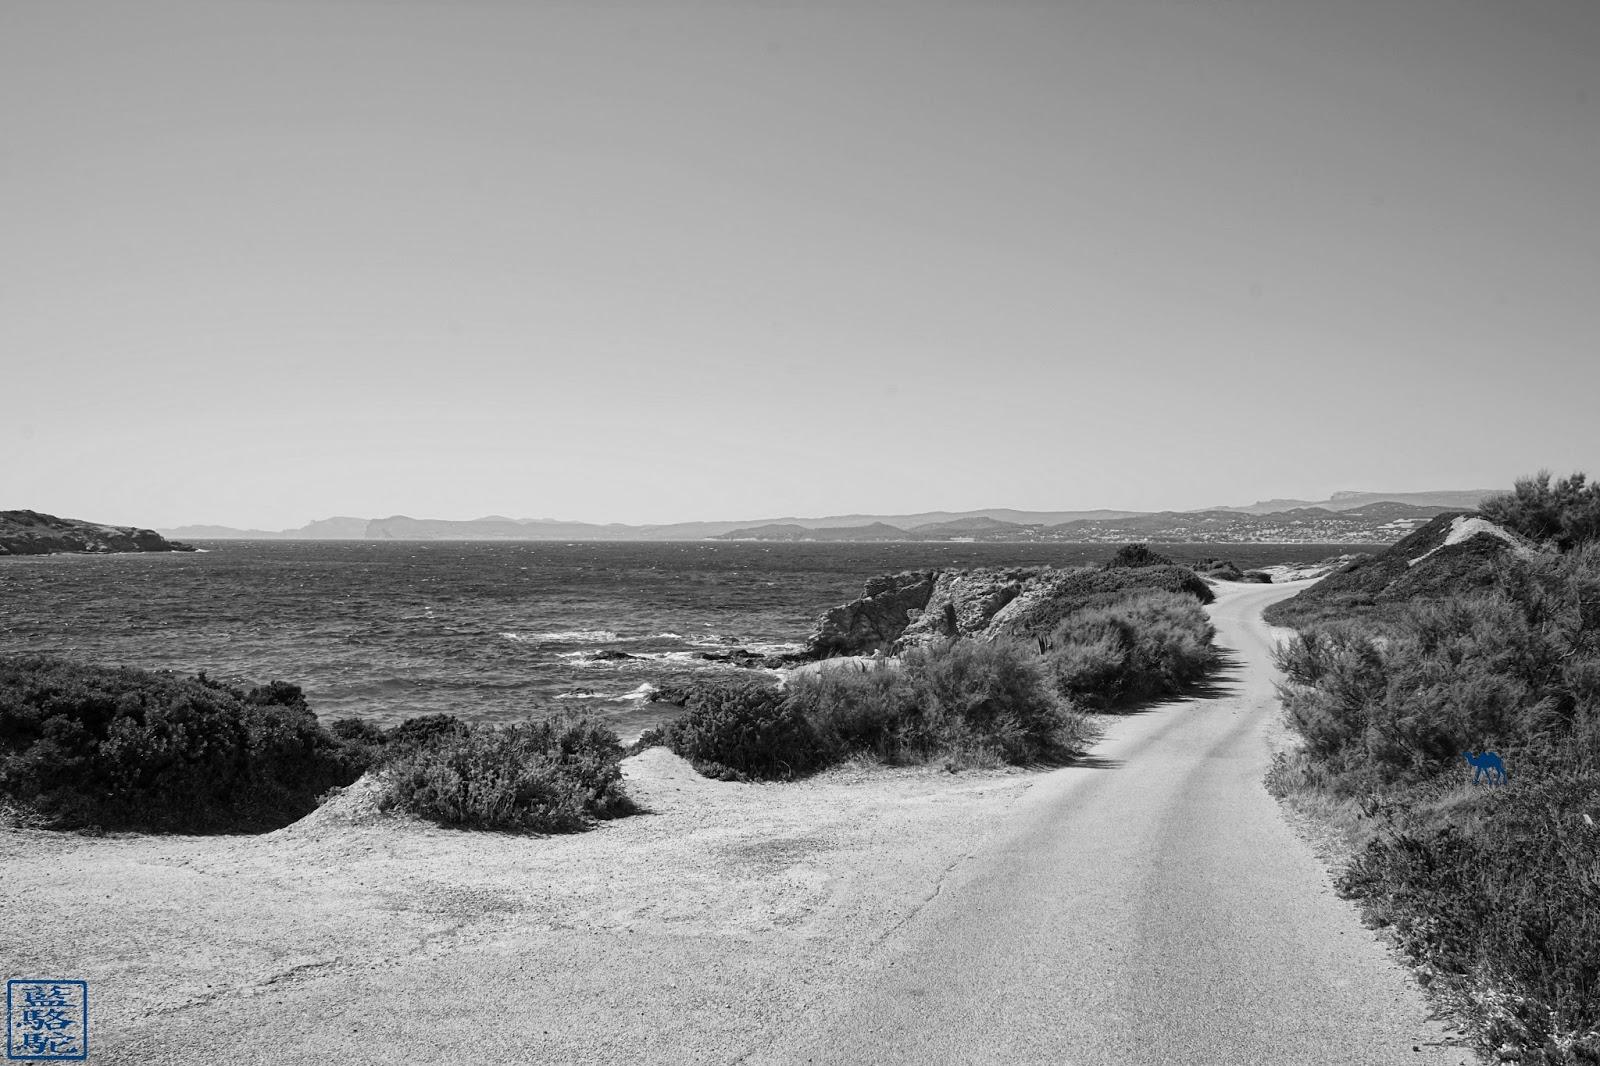 Le Chameau Bleu - Vacances sur l'ile paul ricard - Méditerranée